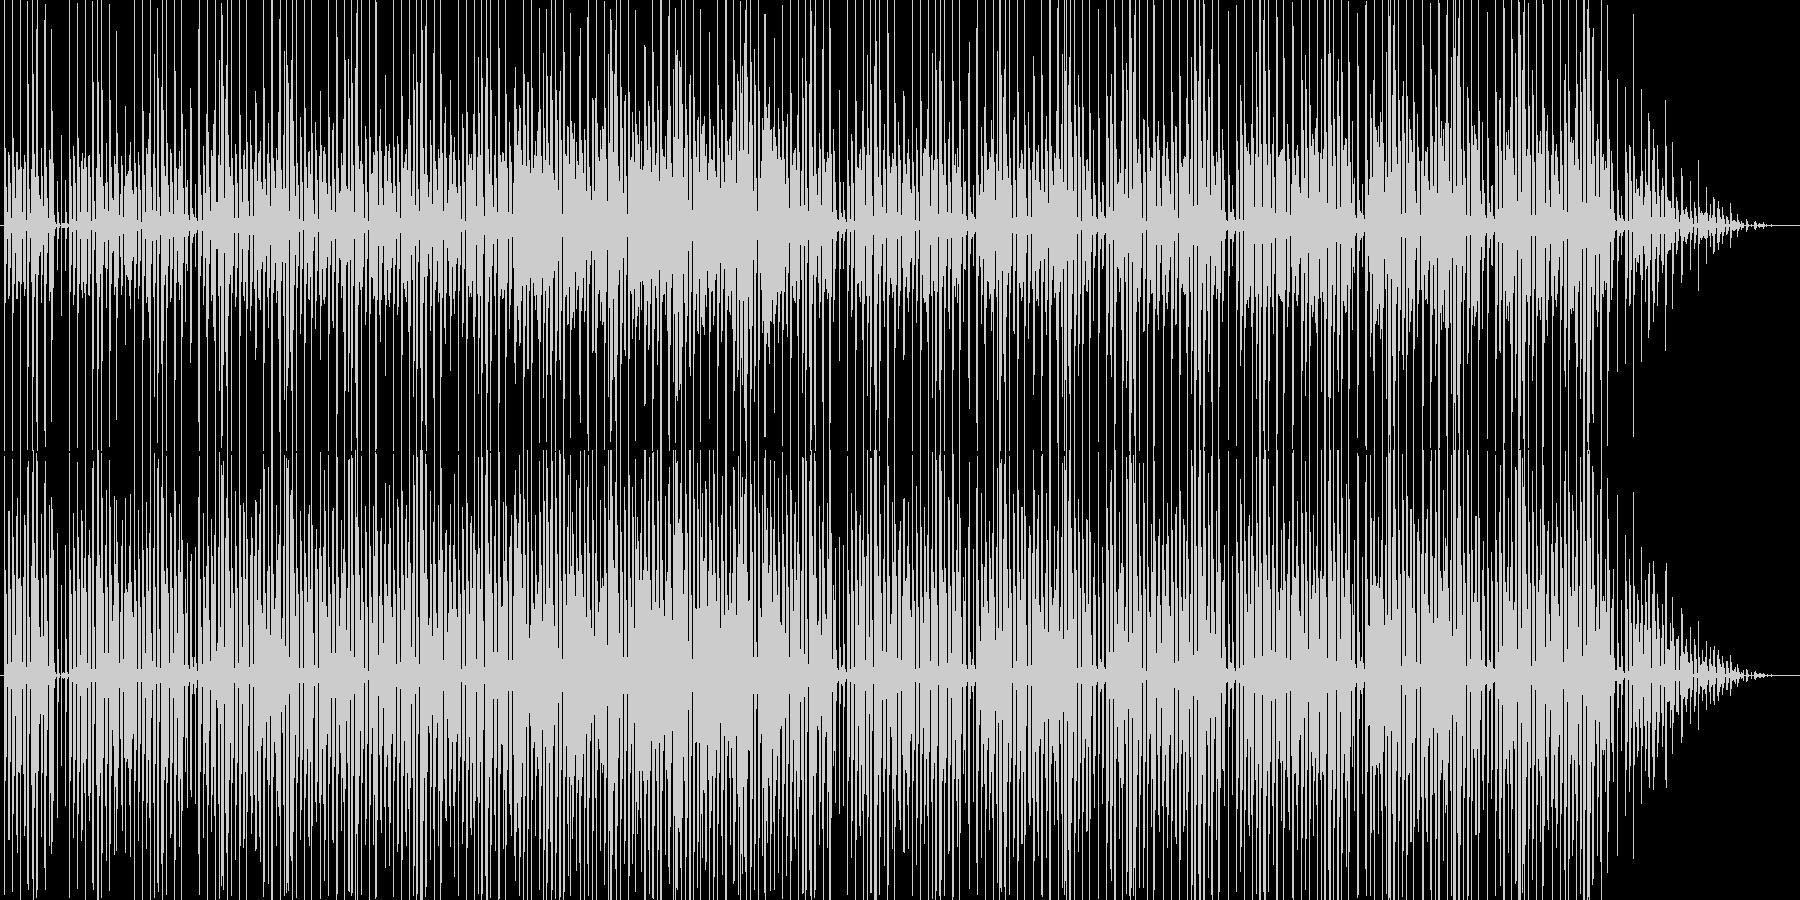 マイナー調のジャズ風BGMです。アダル…の未再生の波形